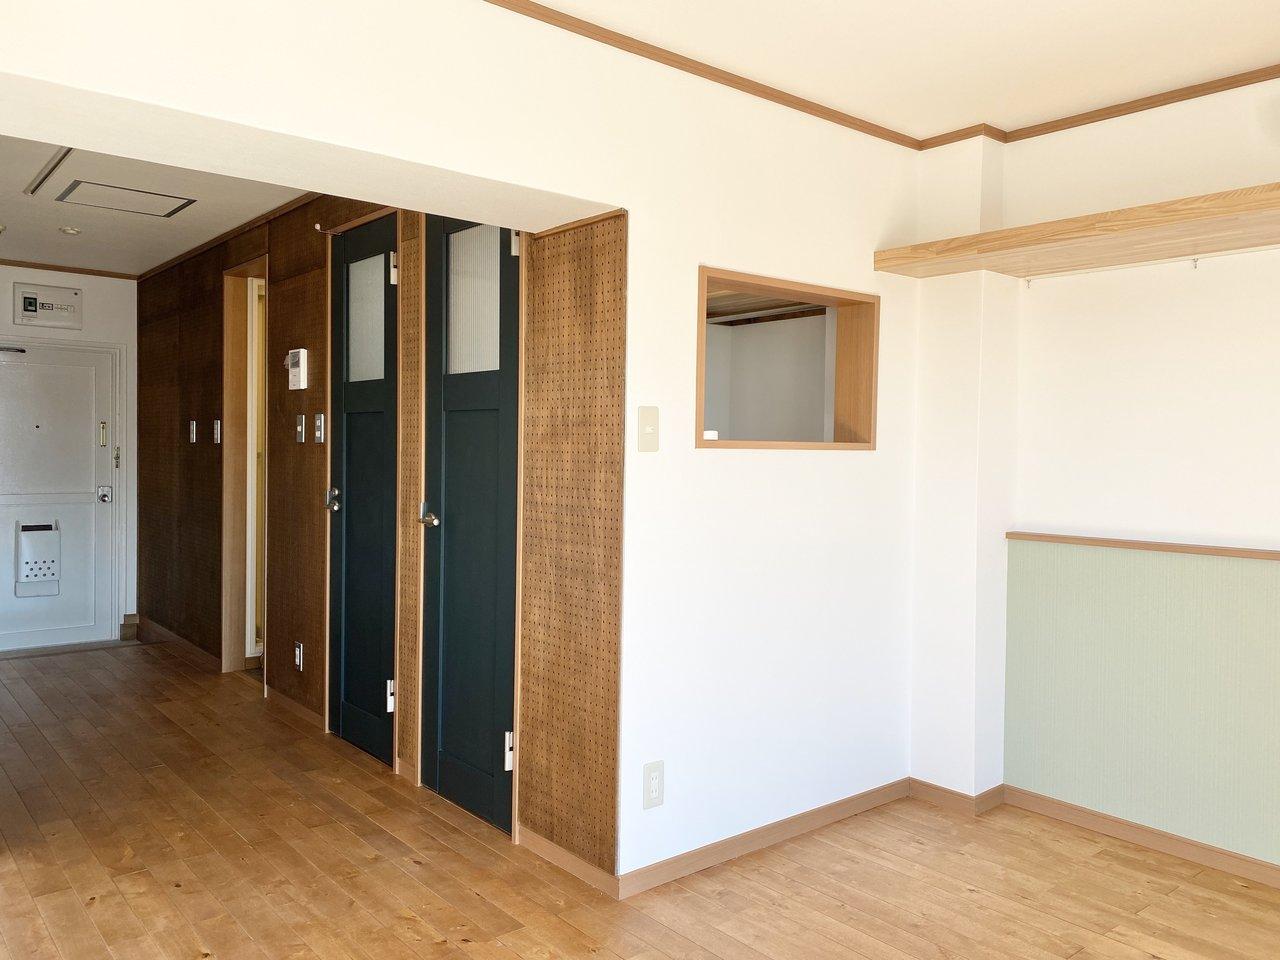 お部屋の中は随所に木の素材が感じられる、ワンルーム。扉の色あいも素敵です。木の壁に見える場所は有孔ボードになっているので、棚をつけて雑貨を飾ったりしましょう。